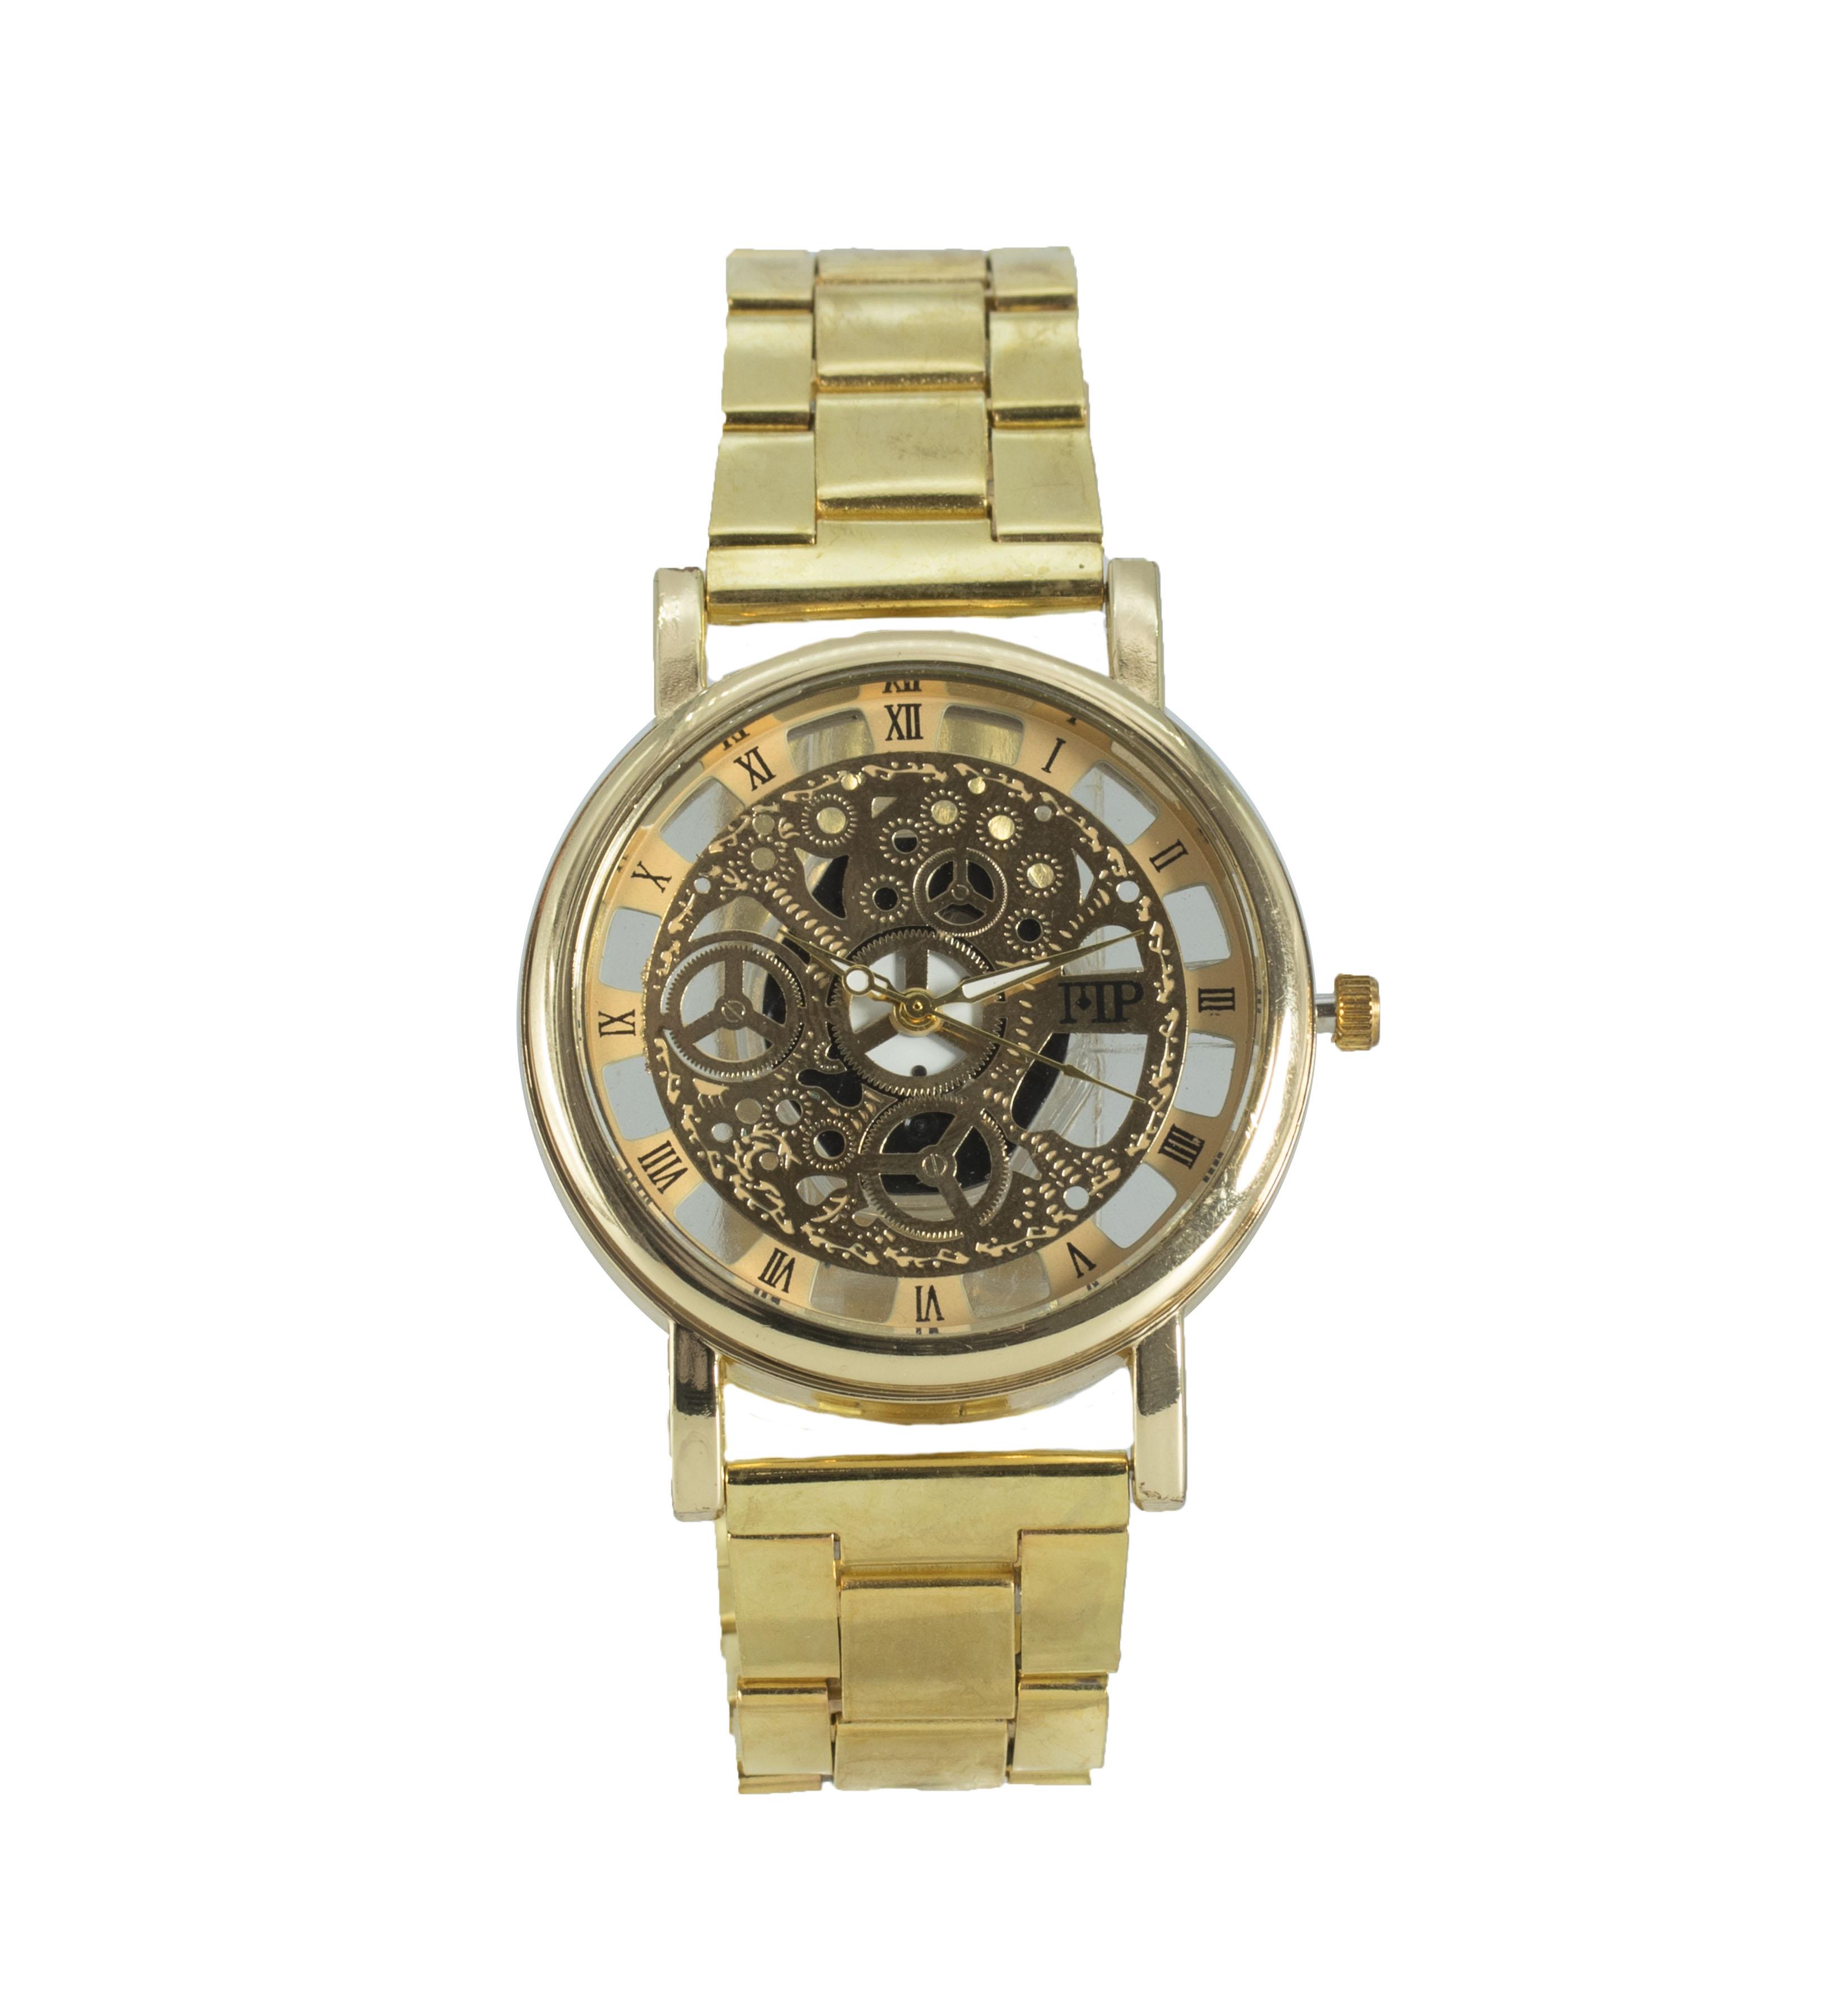 Comprar Marsan Piel Horloge analogique Kle or